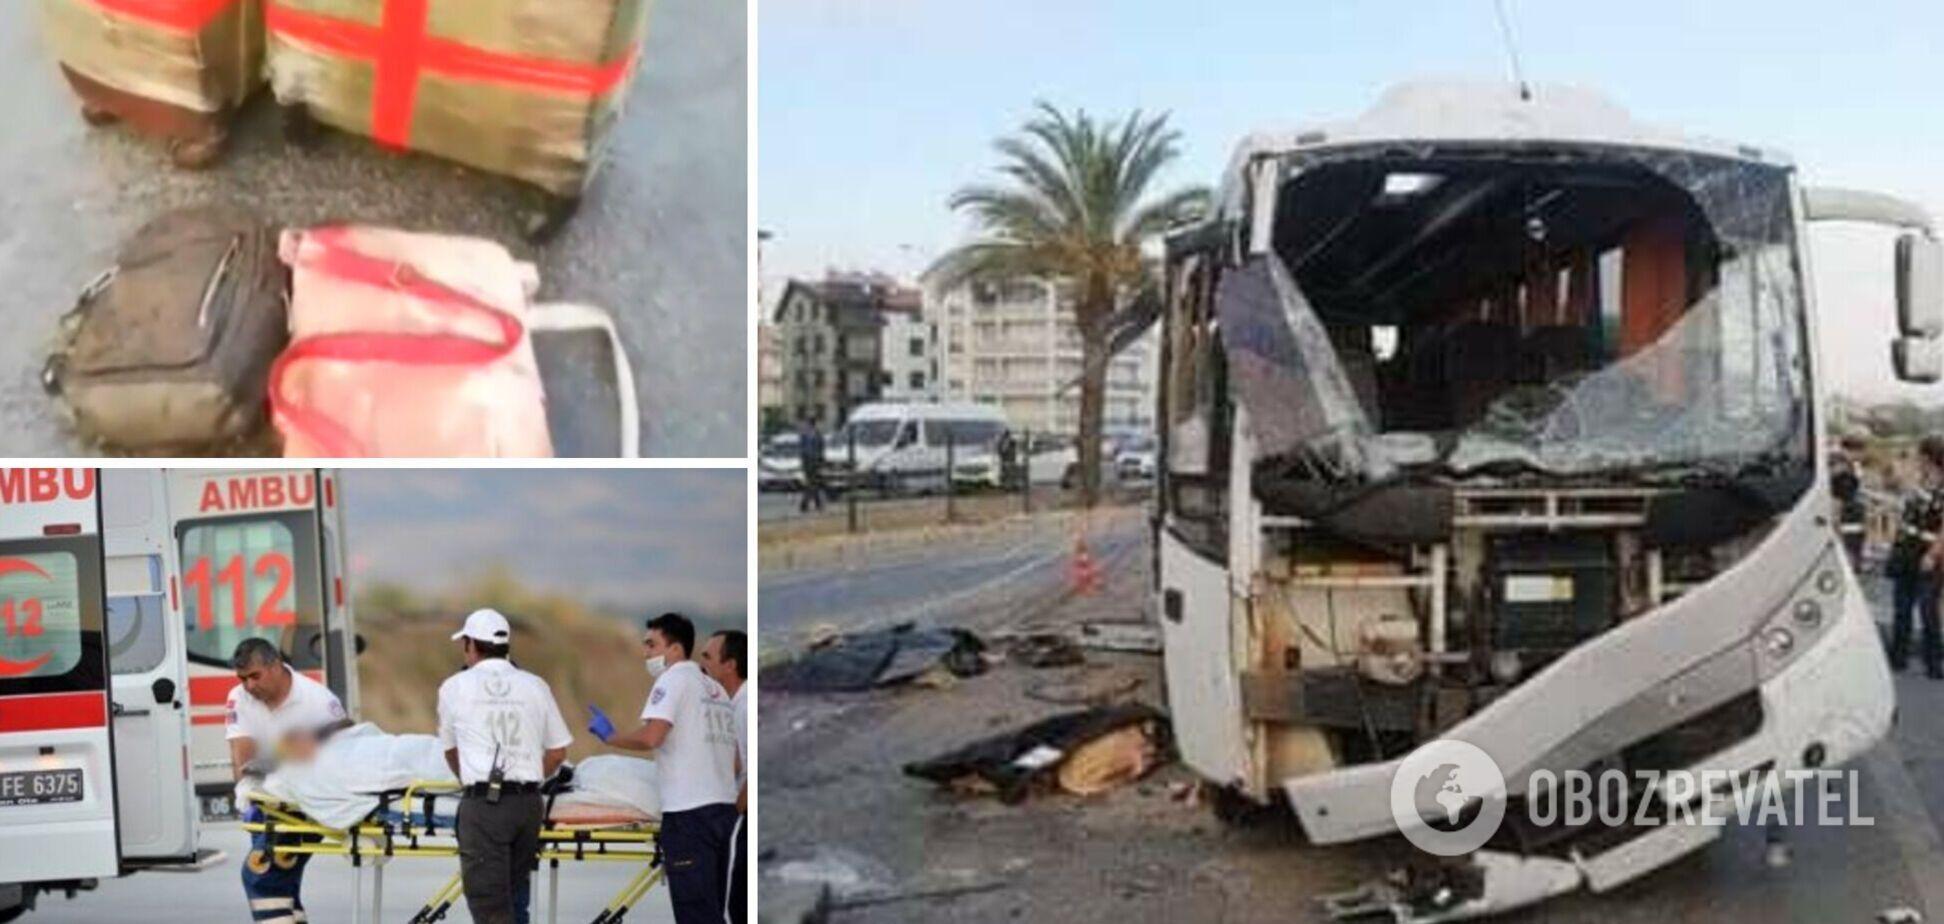 В Турции перевернулся автобус с туристами, есть погибшие и много пострадавших. Фото